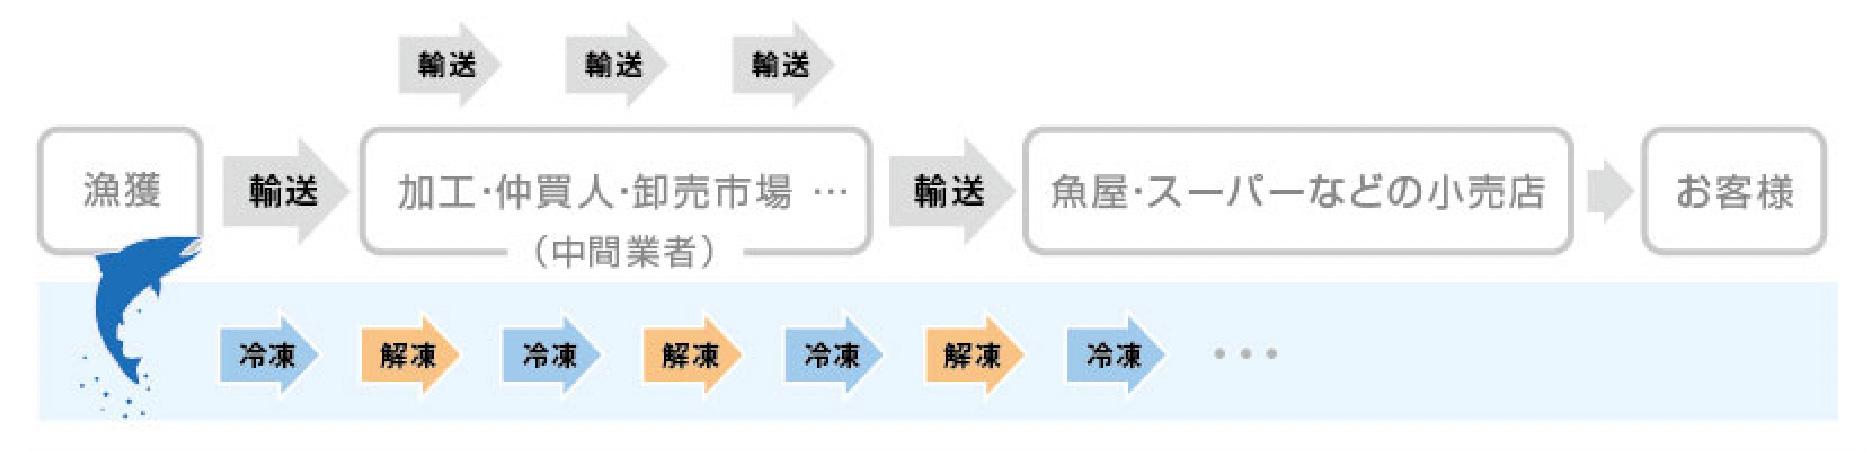 輸送工程イメージ図